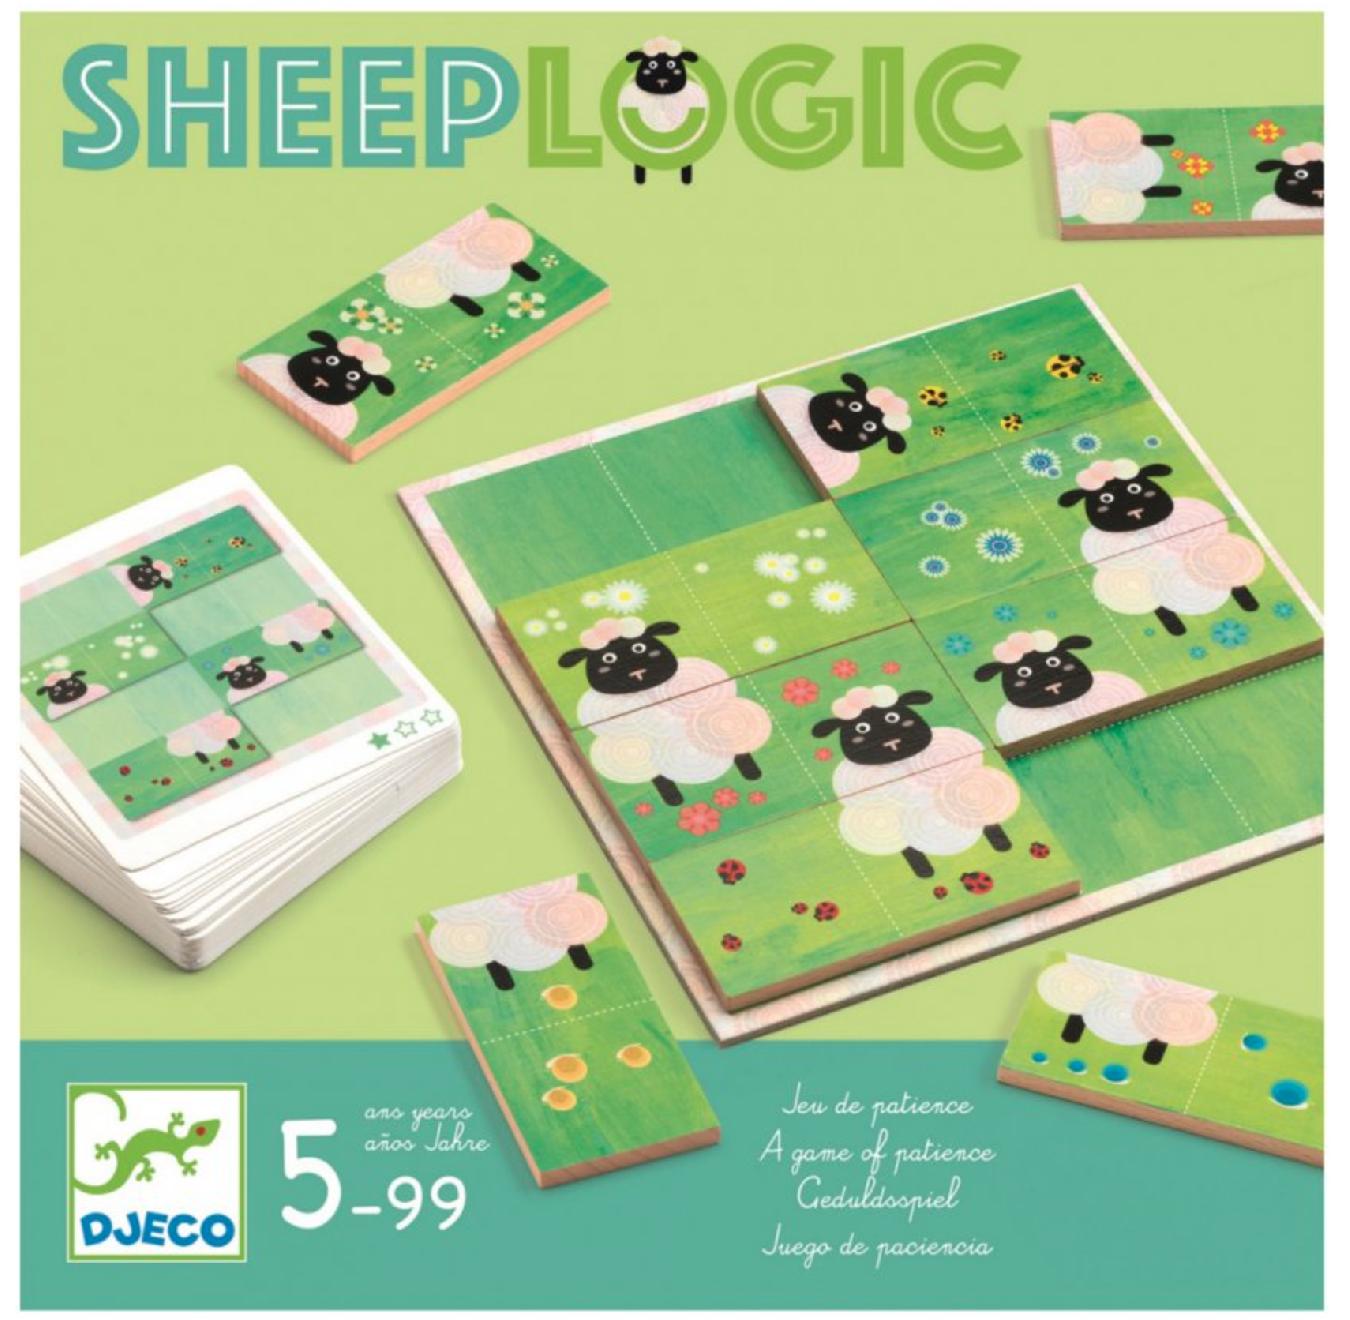 Djeco Ovce a Logika (Sheep Logic)